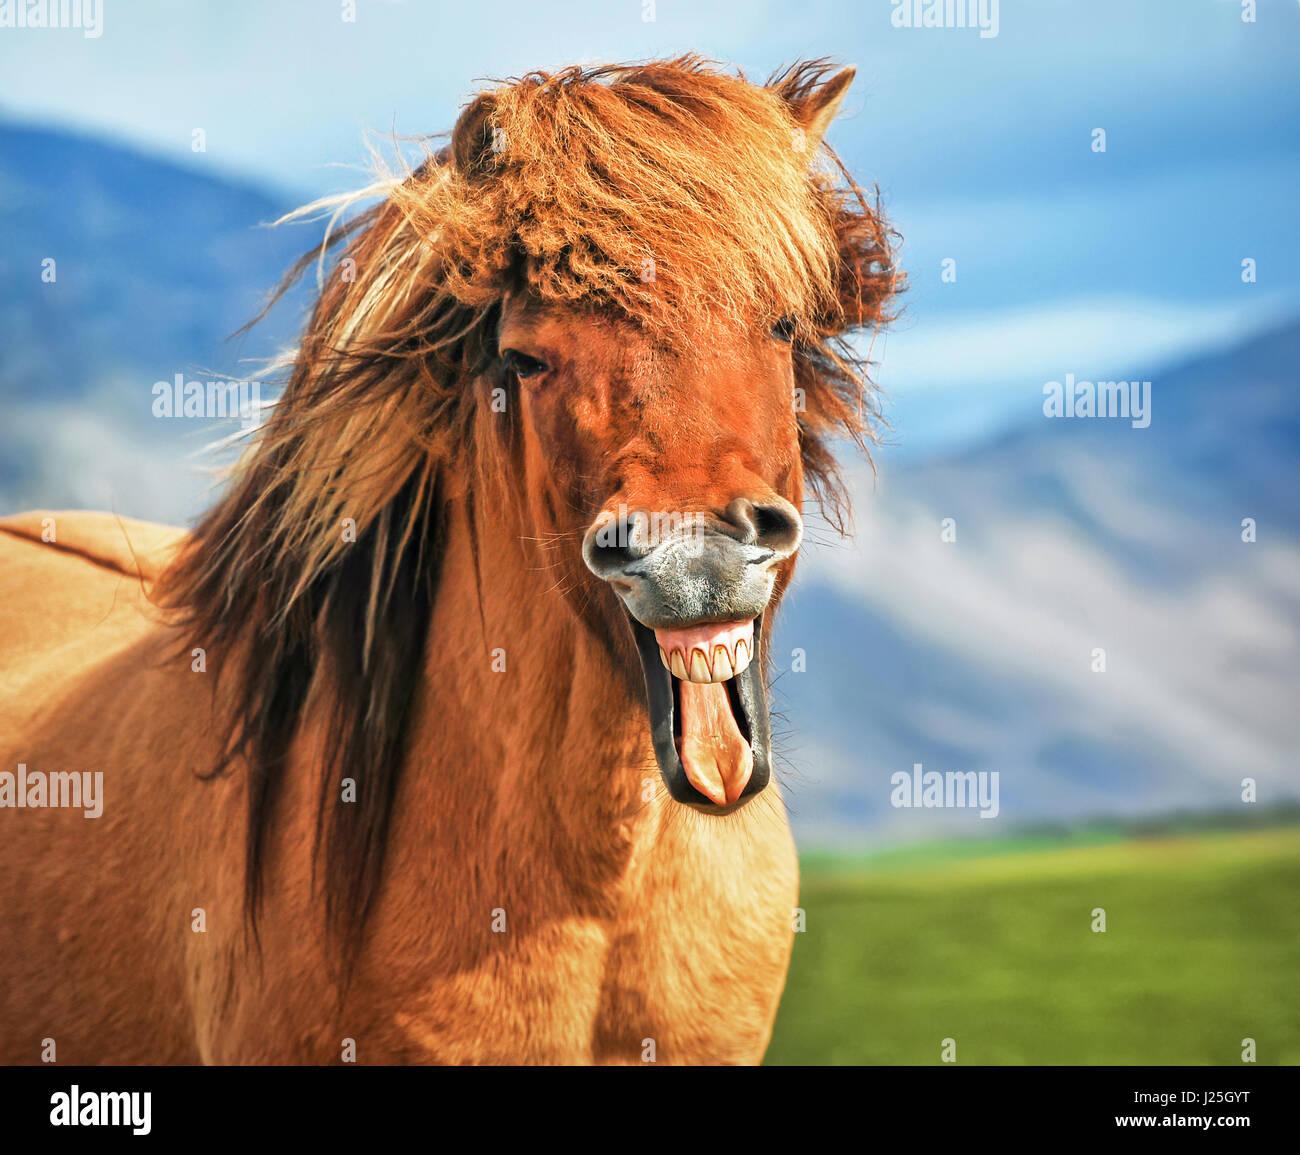 Icelandic horse smiling - Stock Image